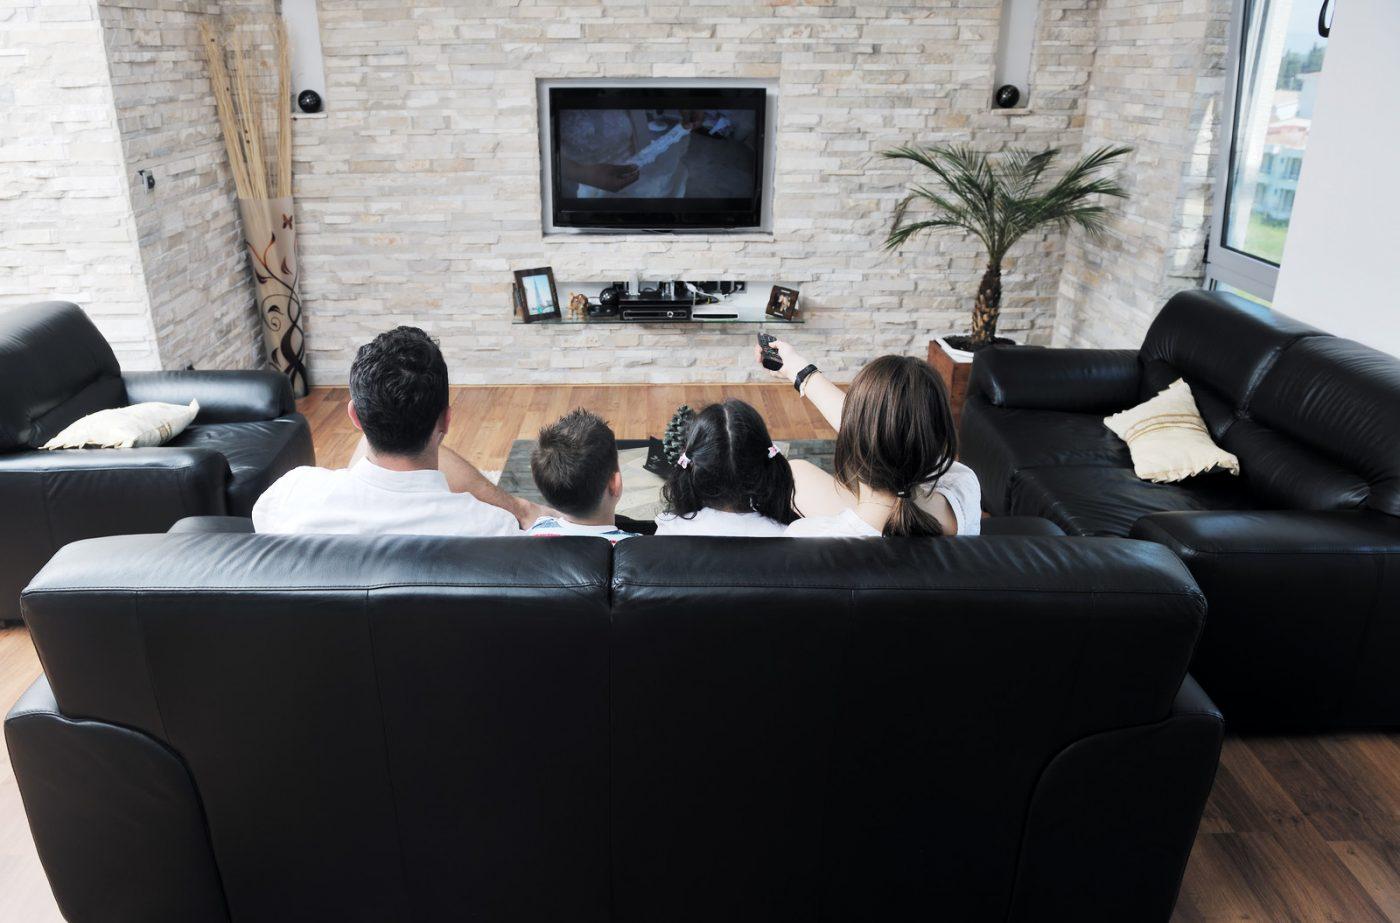 Películas recomendadas para ver en familia